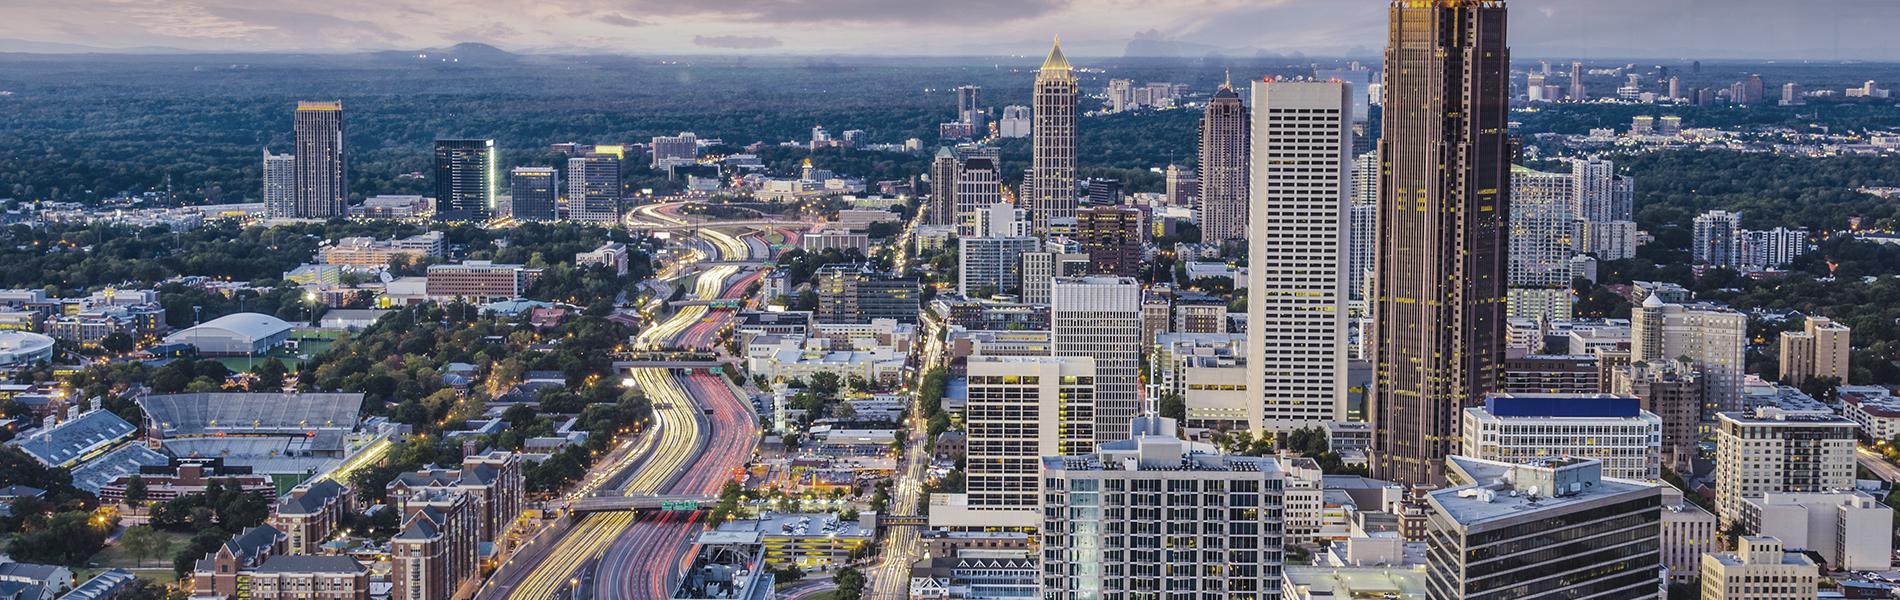 South Atlanta Office